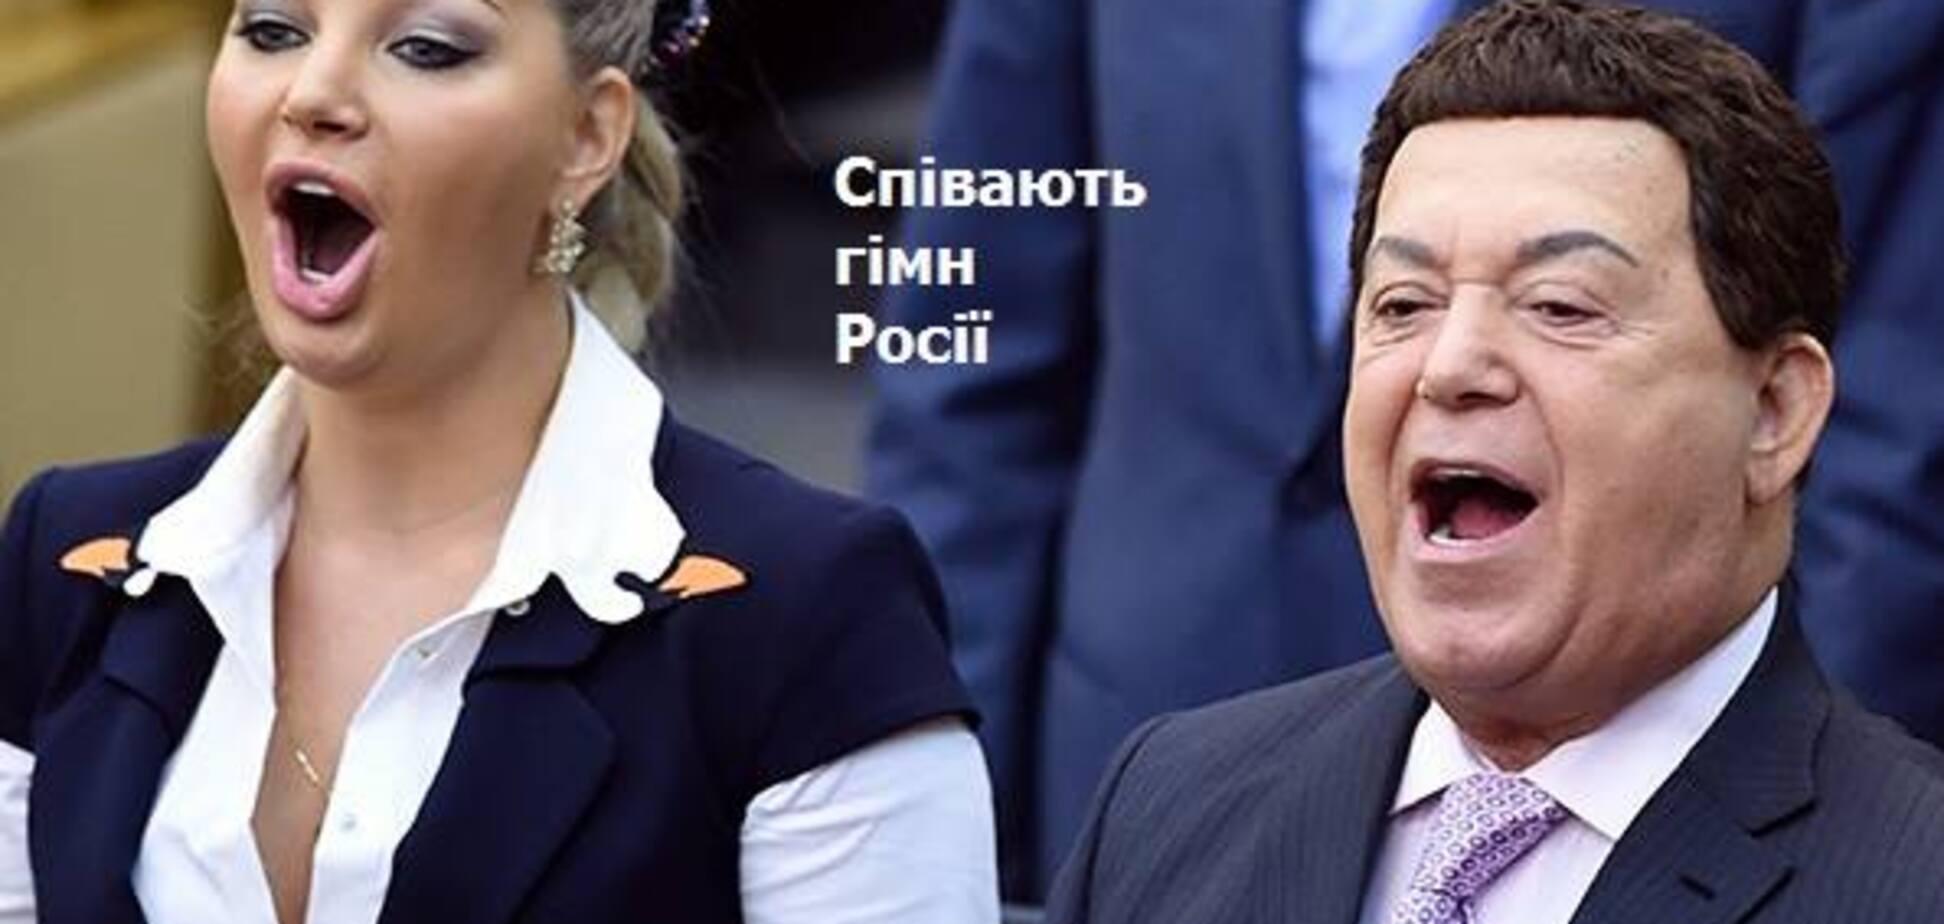 Невже сім'я прихильників 'русского міра' для нас кращі й дорожчі ніж свої?